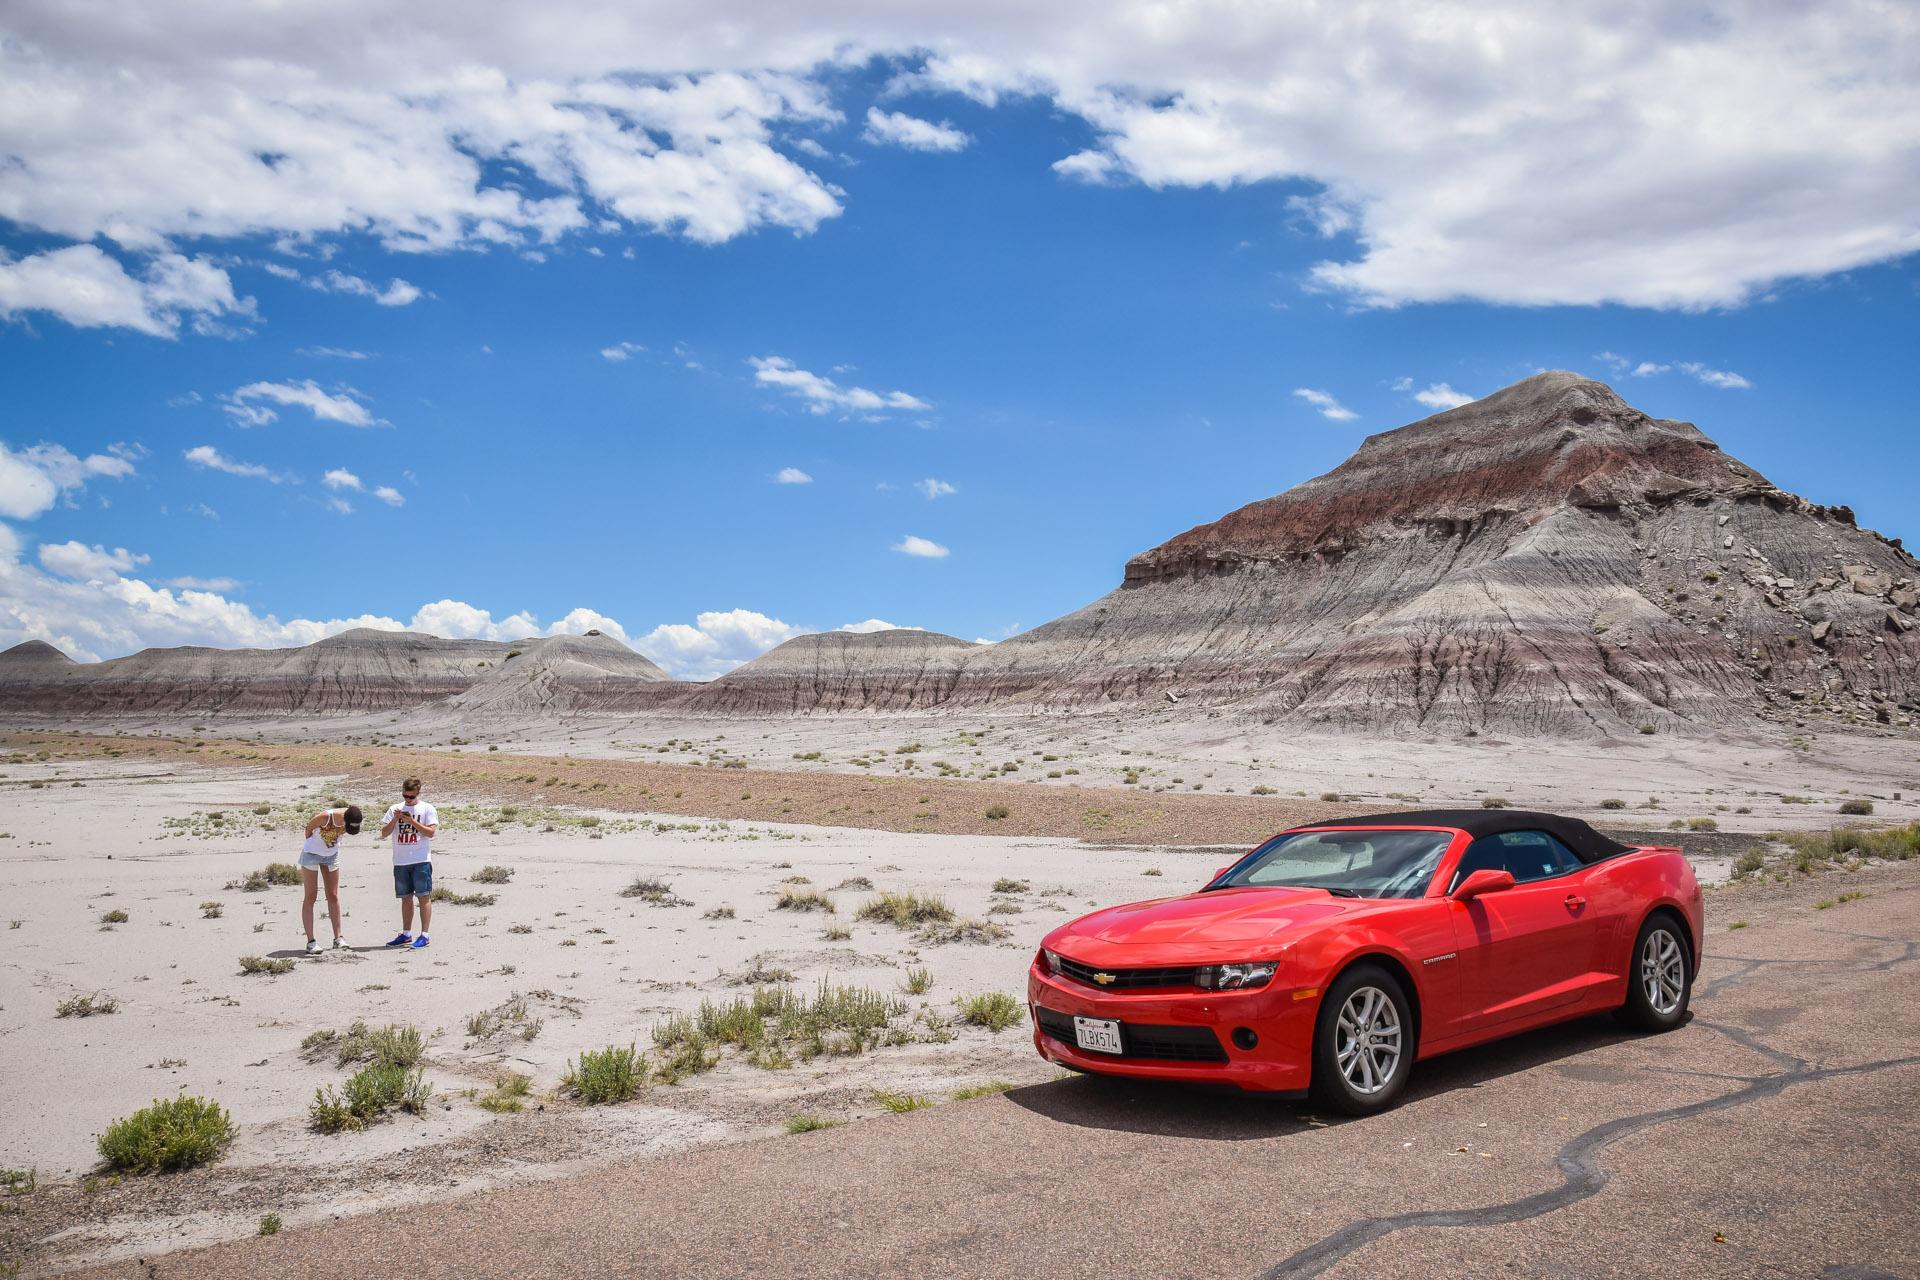 фотоотчет поездка по америке на машине вариант может являться